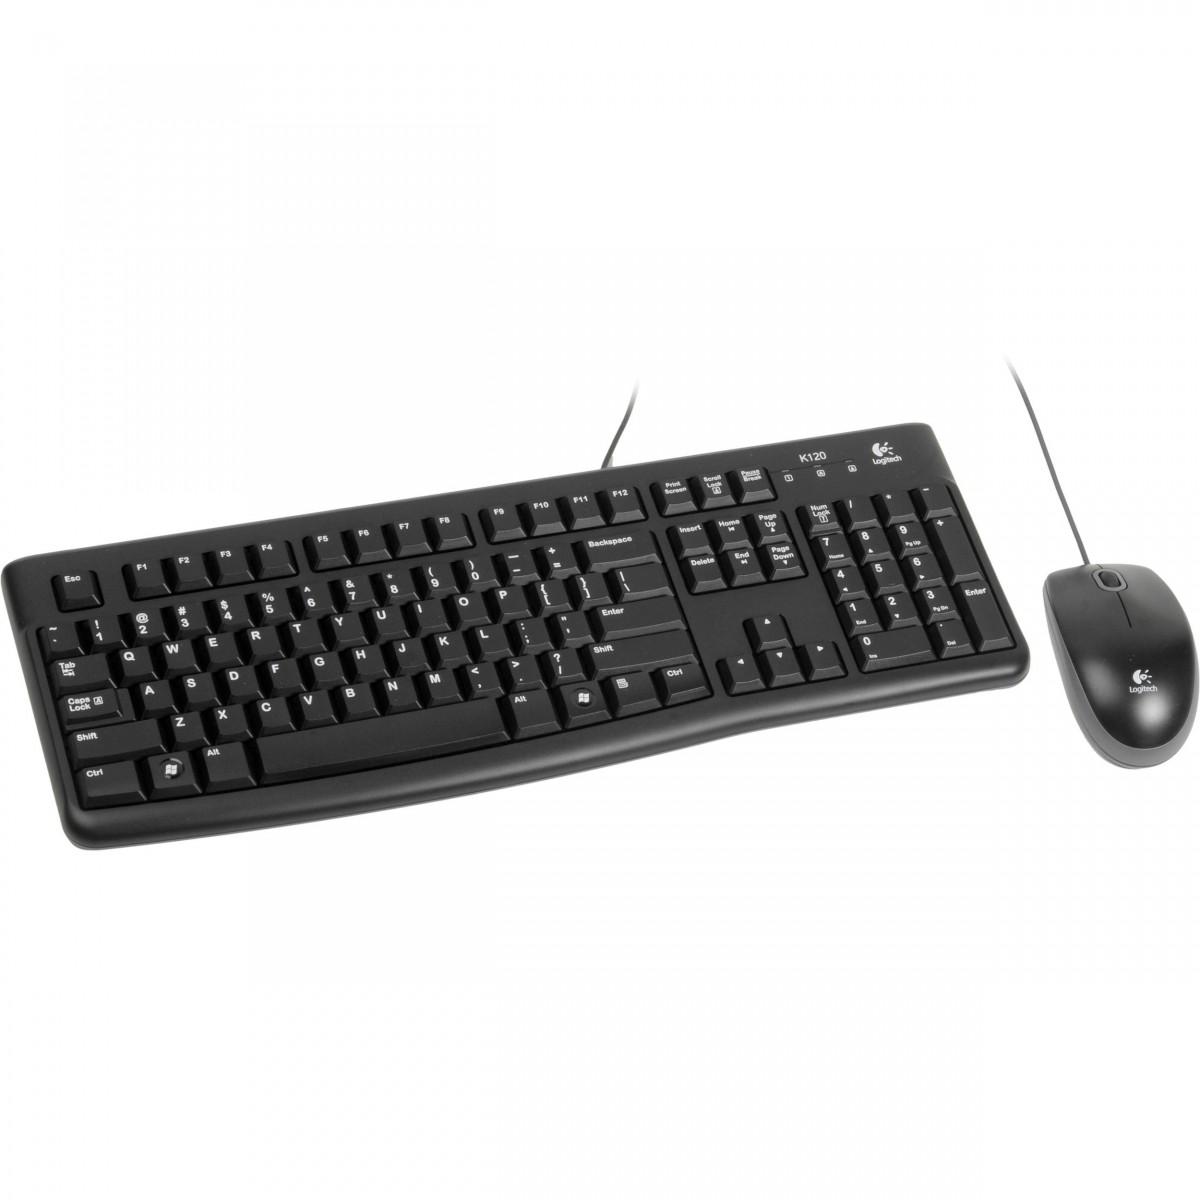 Kit Teclado + Mouse USB MK120 Preto Logitech